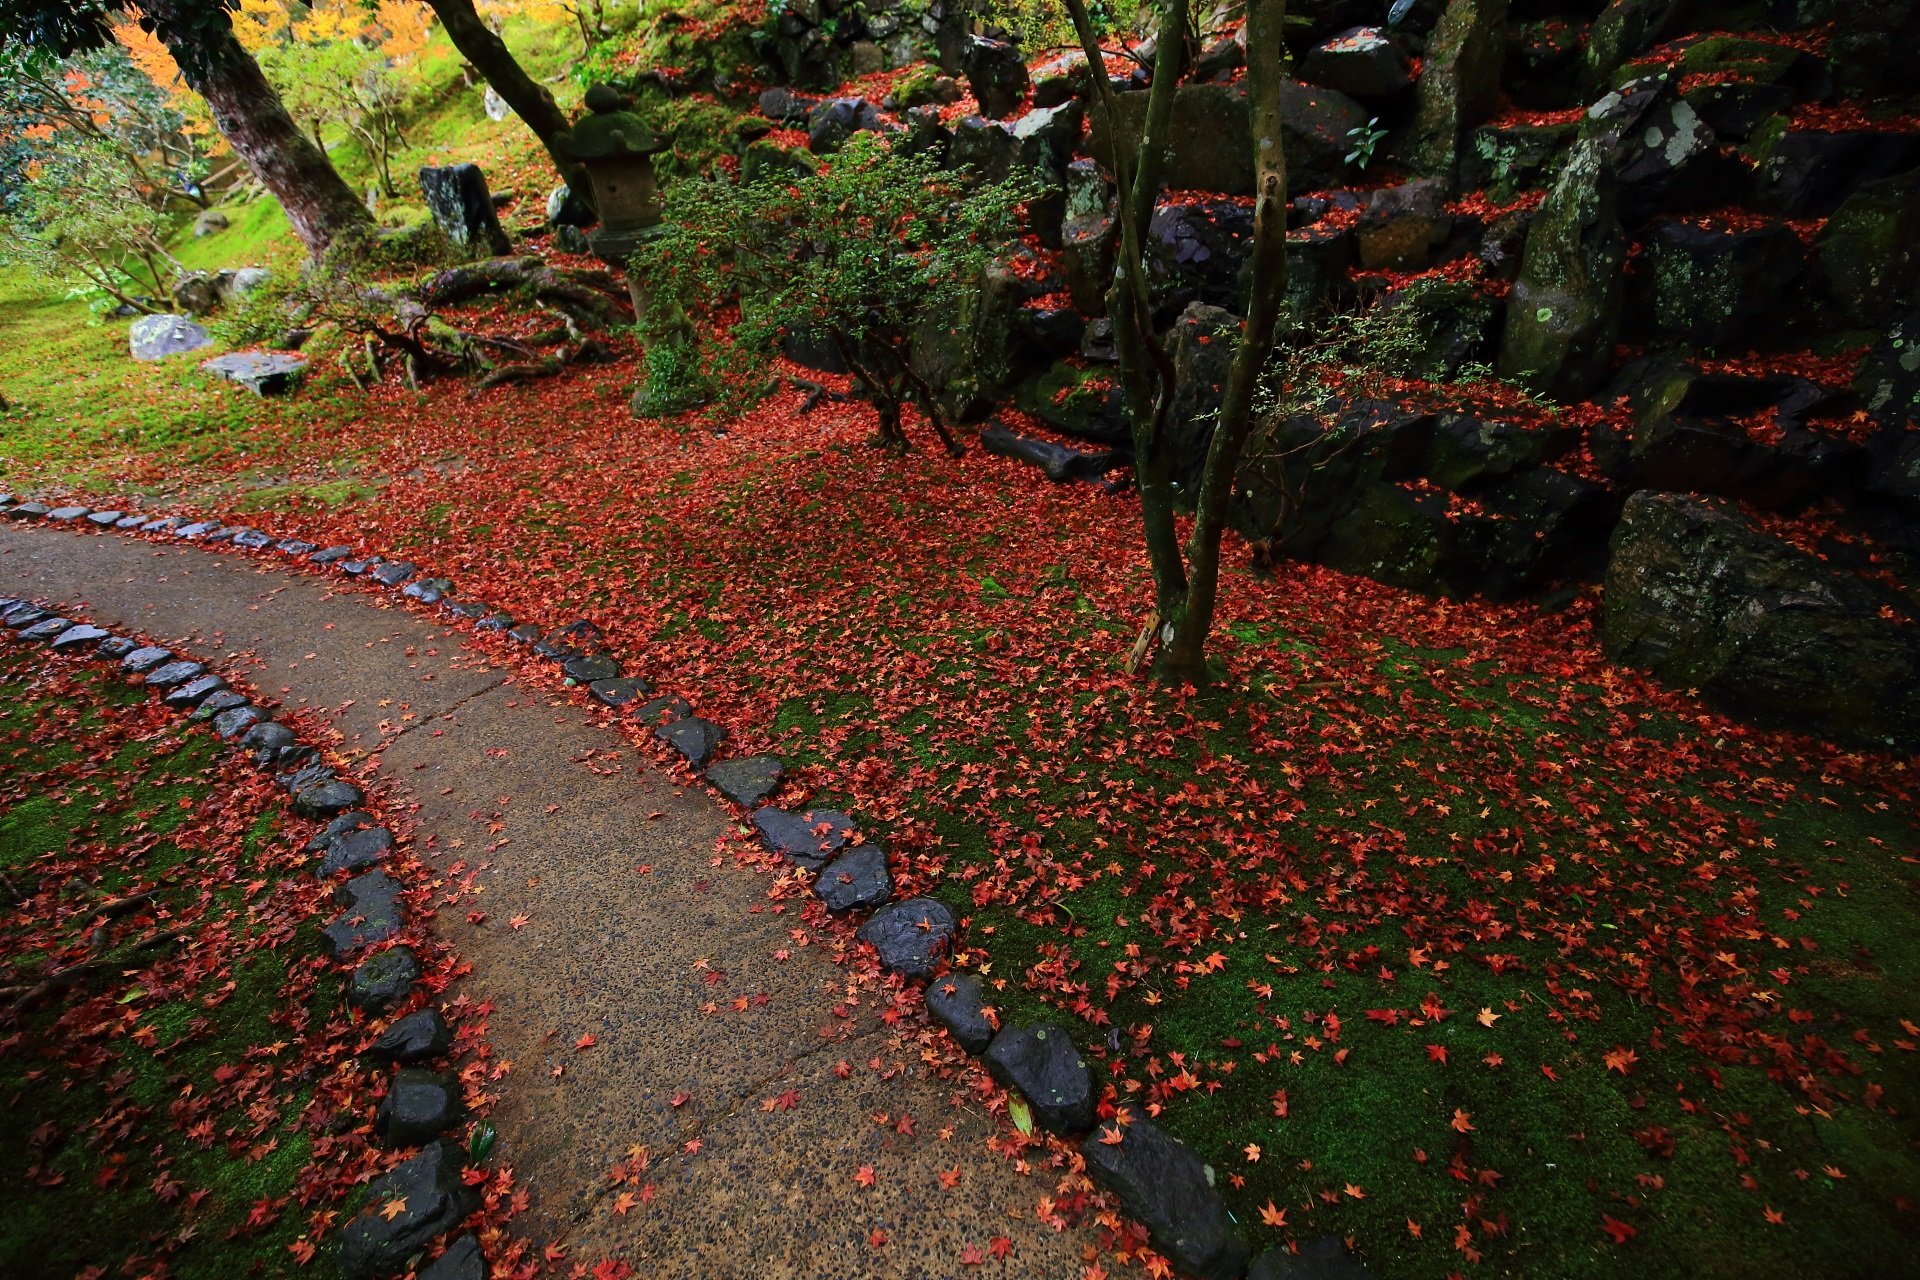 雨で潤った極上の秋色の空間